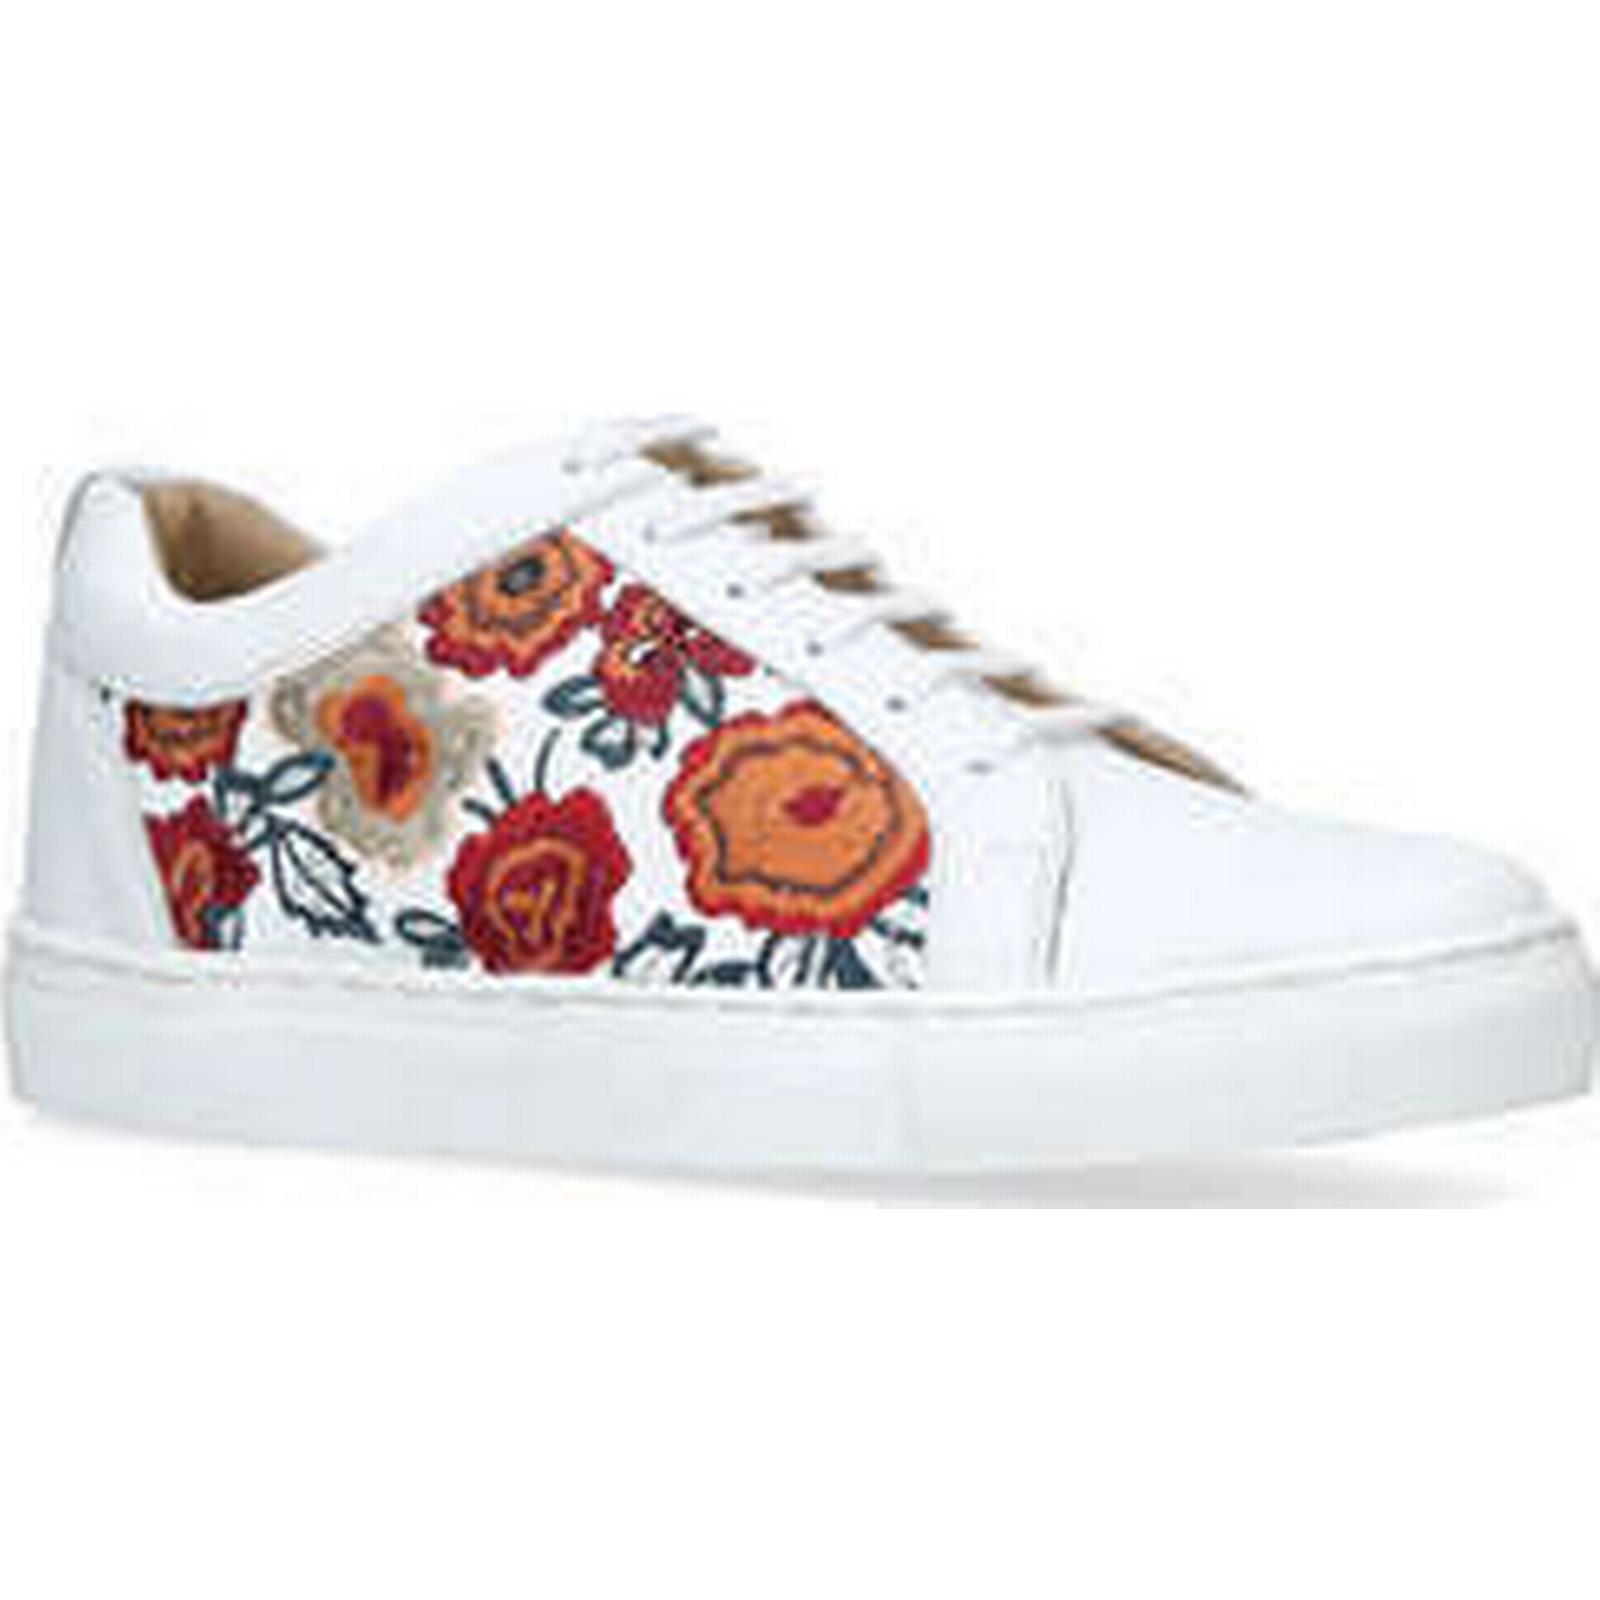 Gentlemen/Ladies:RAVEL Gentlemen/Ladies:RAVEL Gentlemen/Ladies:RAVEL GARO: Fashion versatile shoes b7aa46